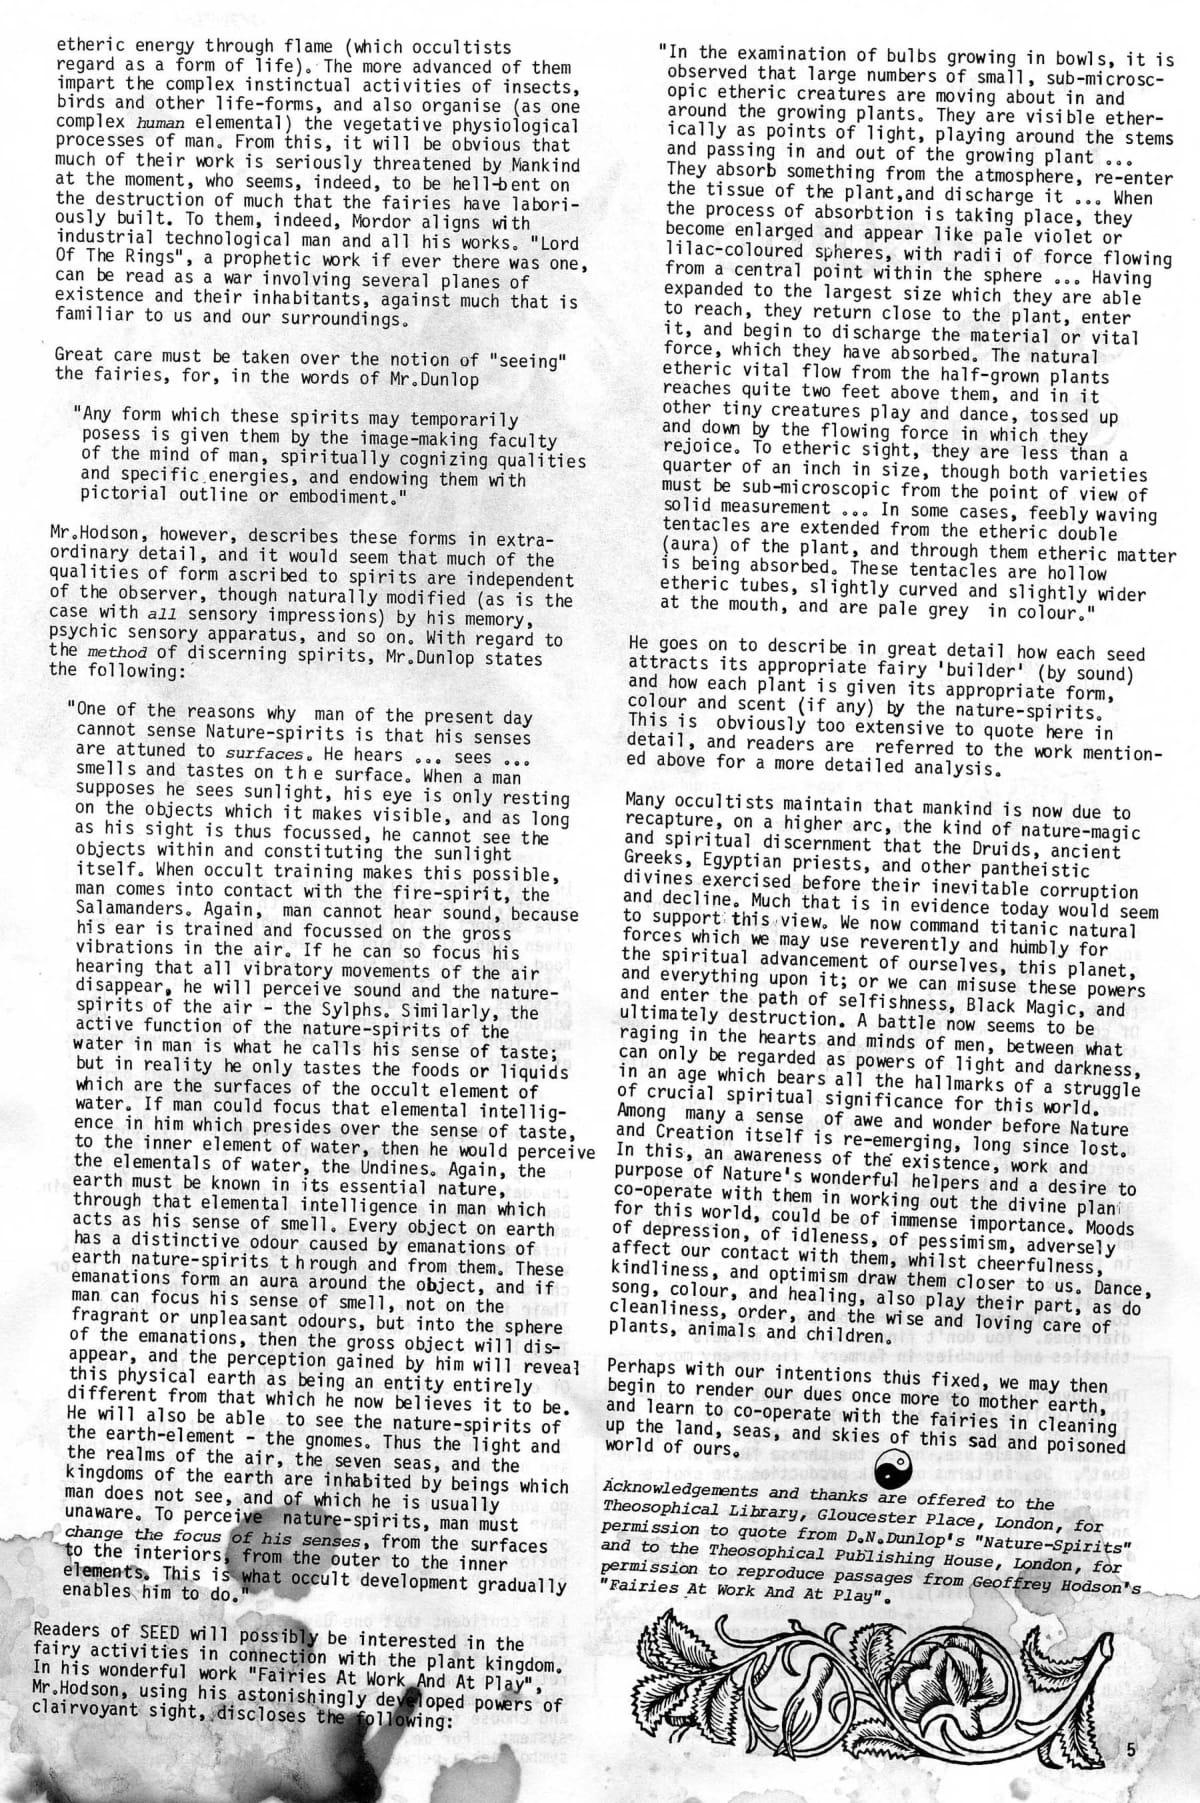 Seed Vol 3 No 2 Feb 1974 p 5 — Craig Sams